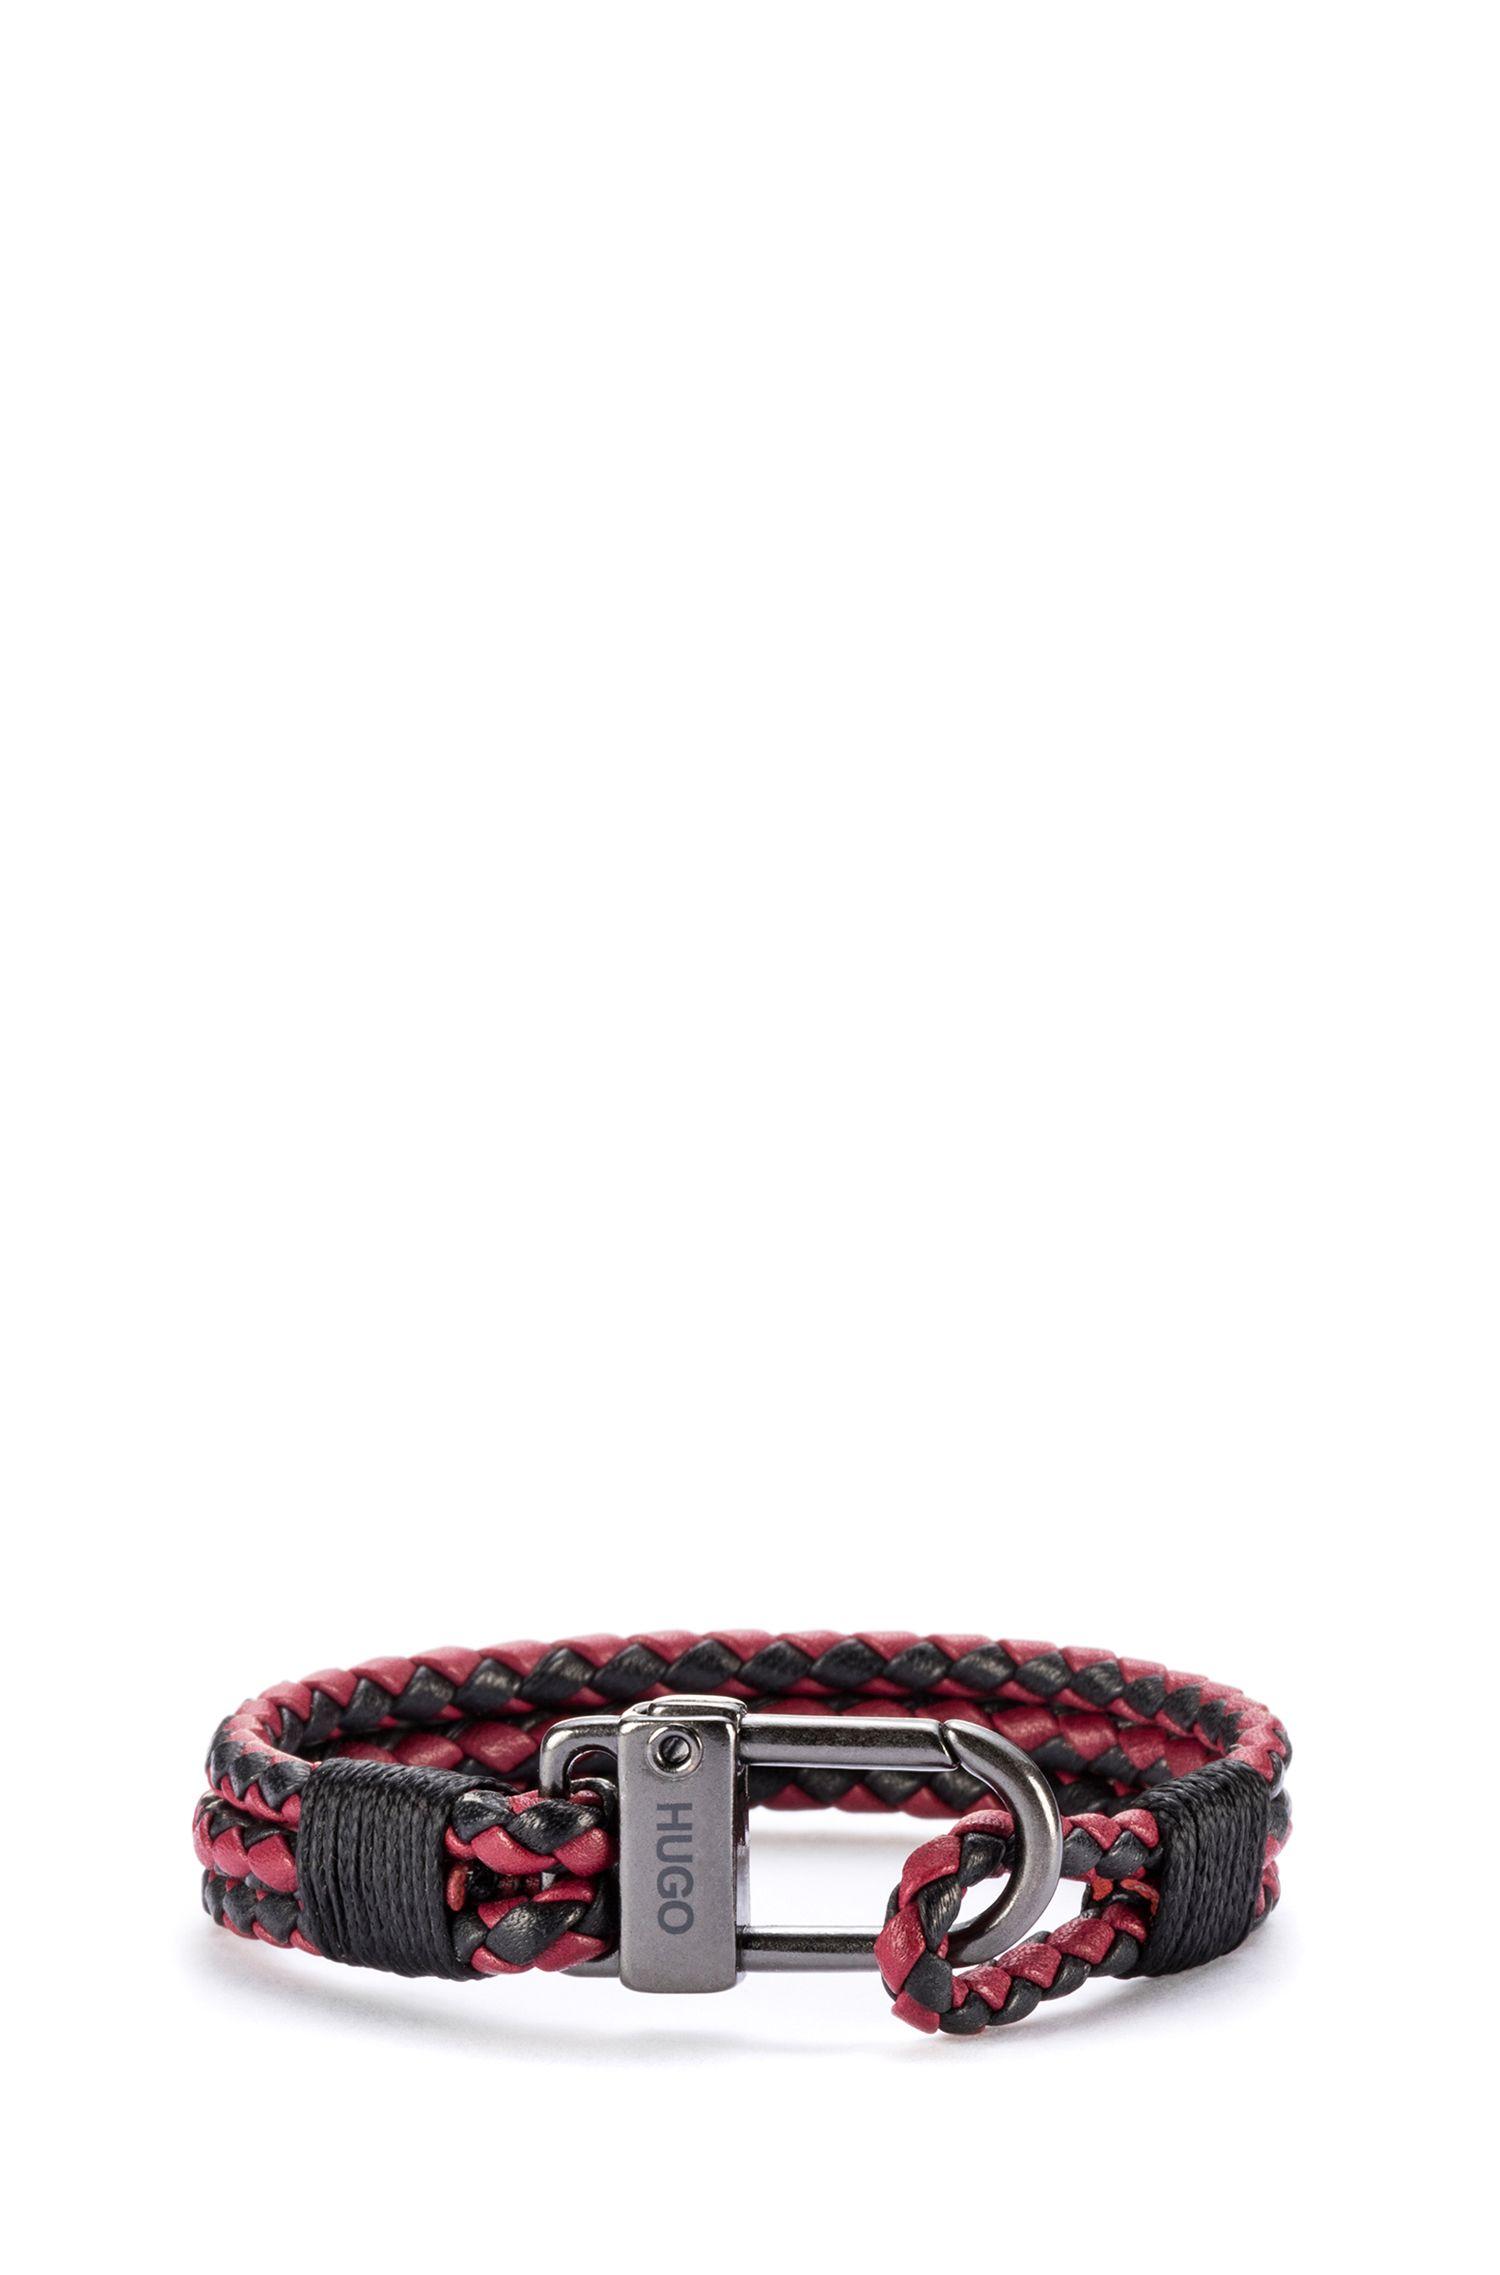 Bracelet tressé en cuir italien avec fermoir mousqueton